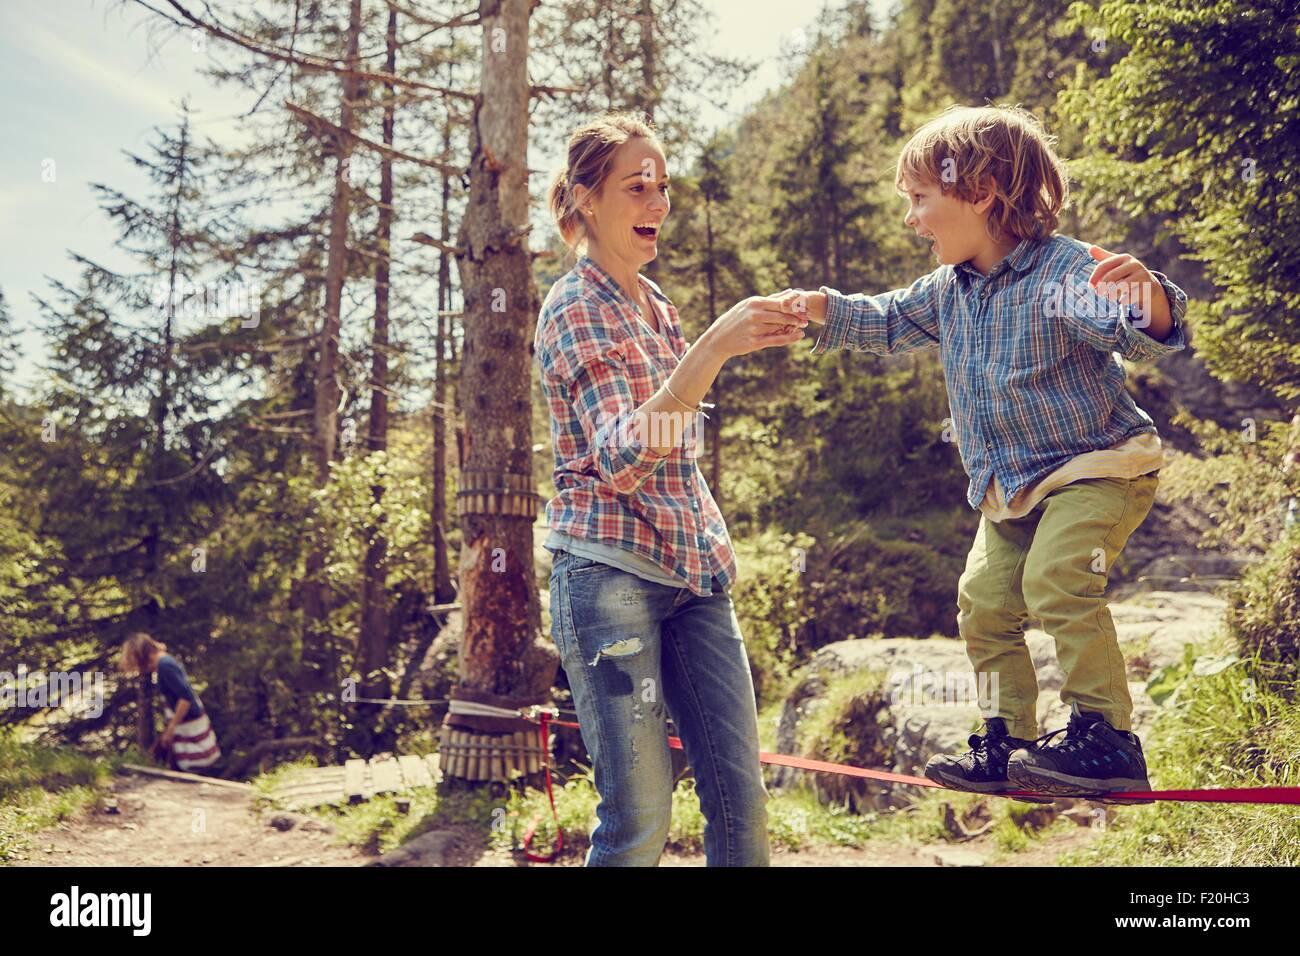 Junge, balancieren auf Seil mit Hilfe von Mutter, Ehrwald, Tirol, Österreich Stockbild